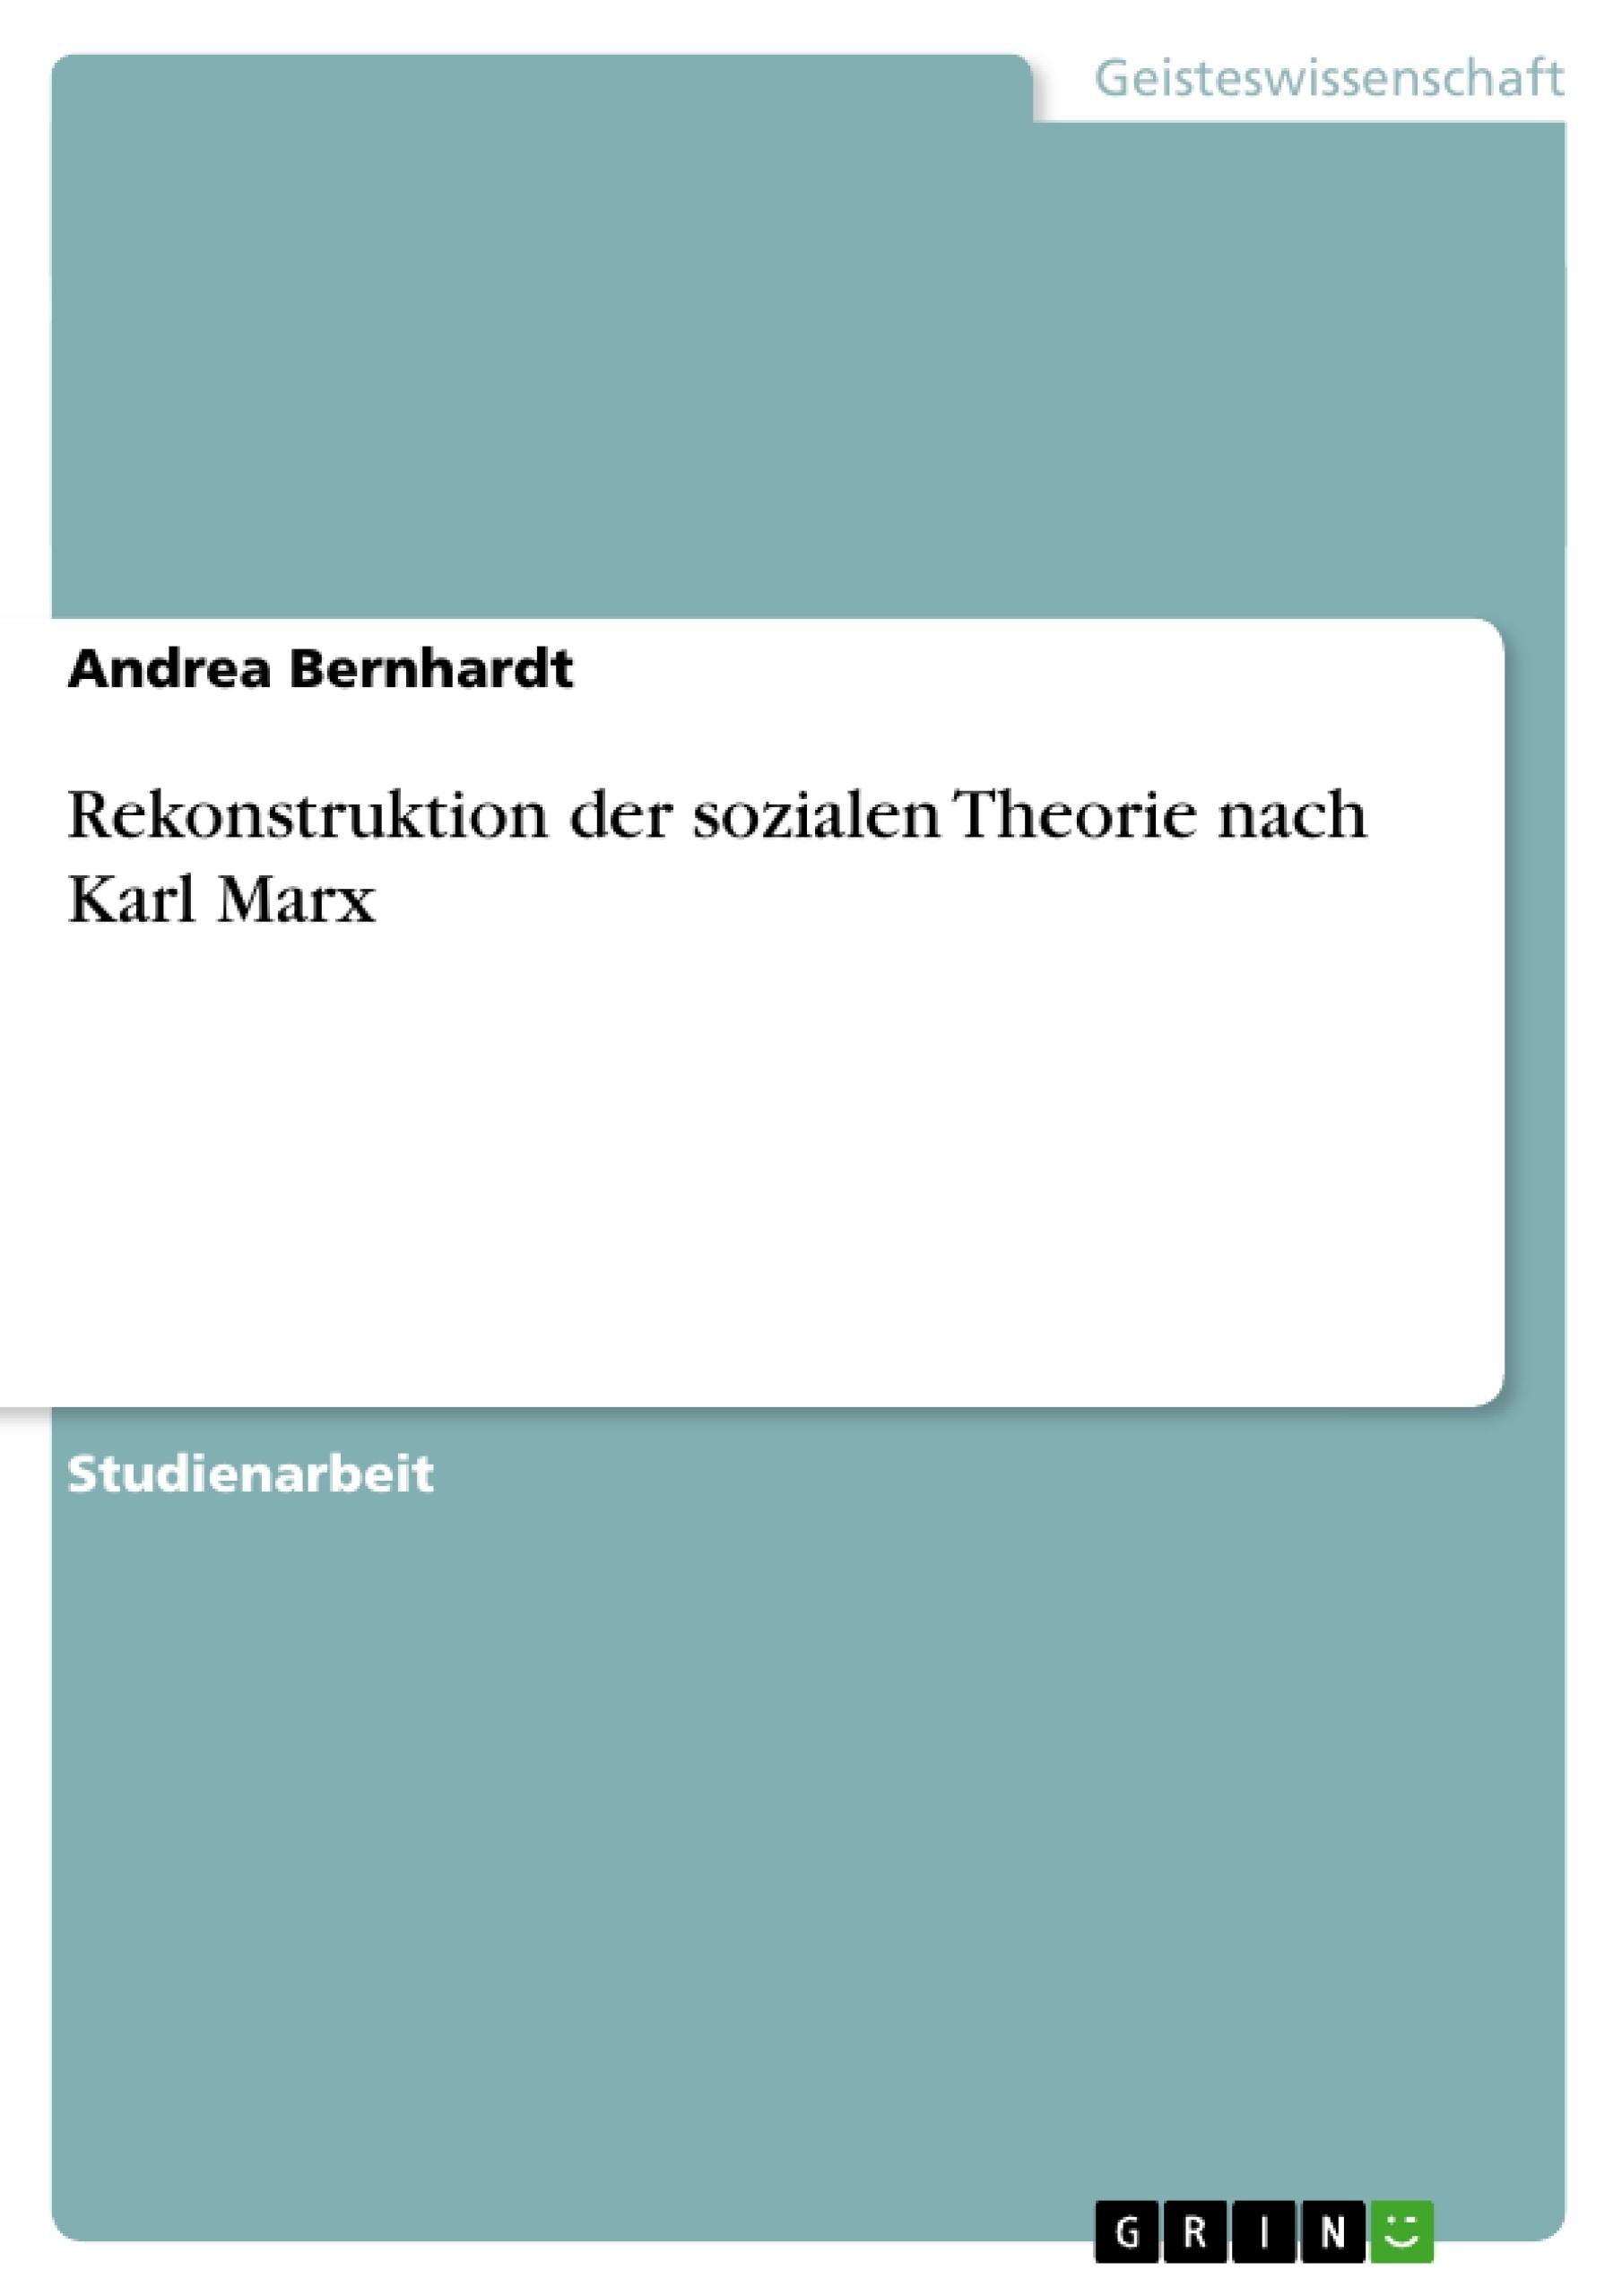 Titel: Rekonstruktion der sozialen Theorie nach Karl Marx